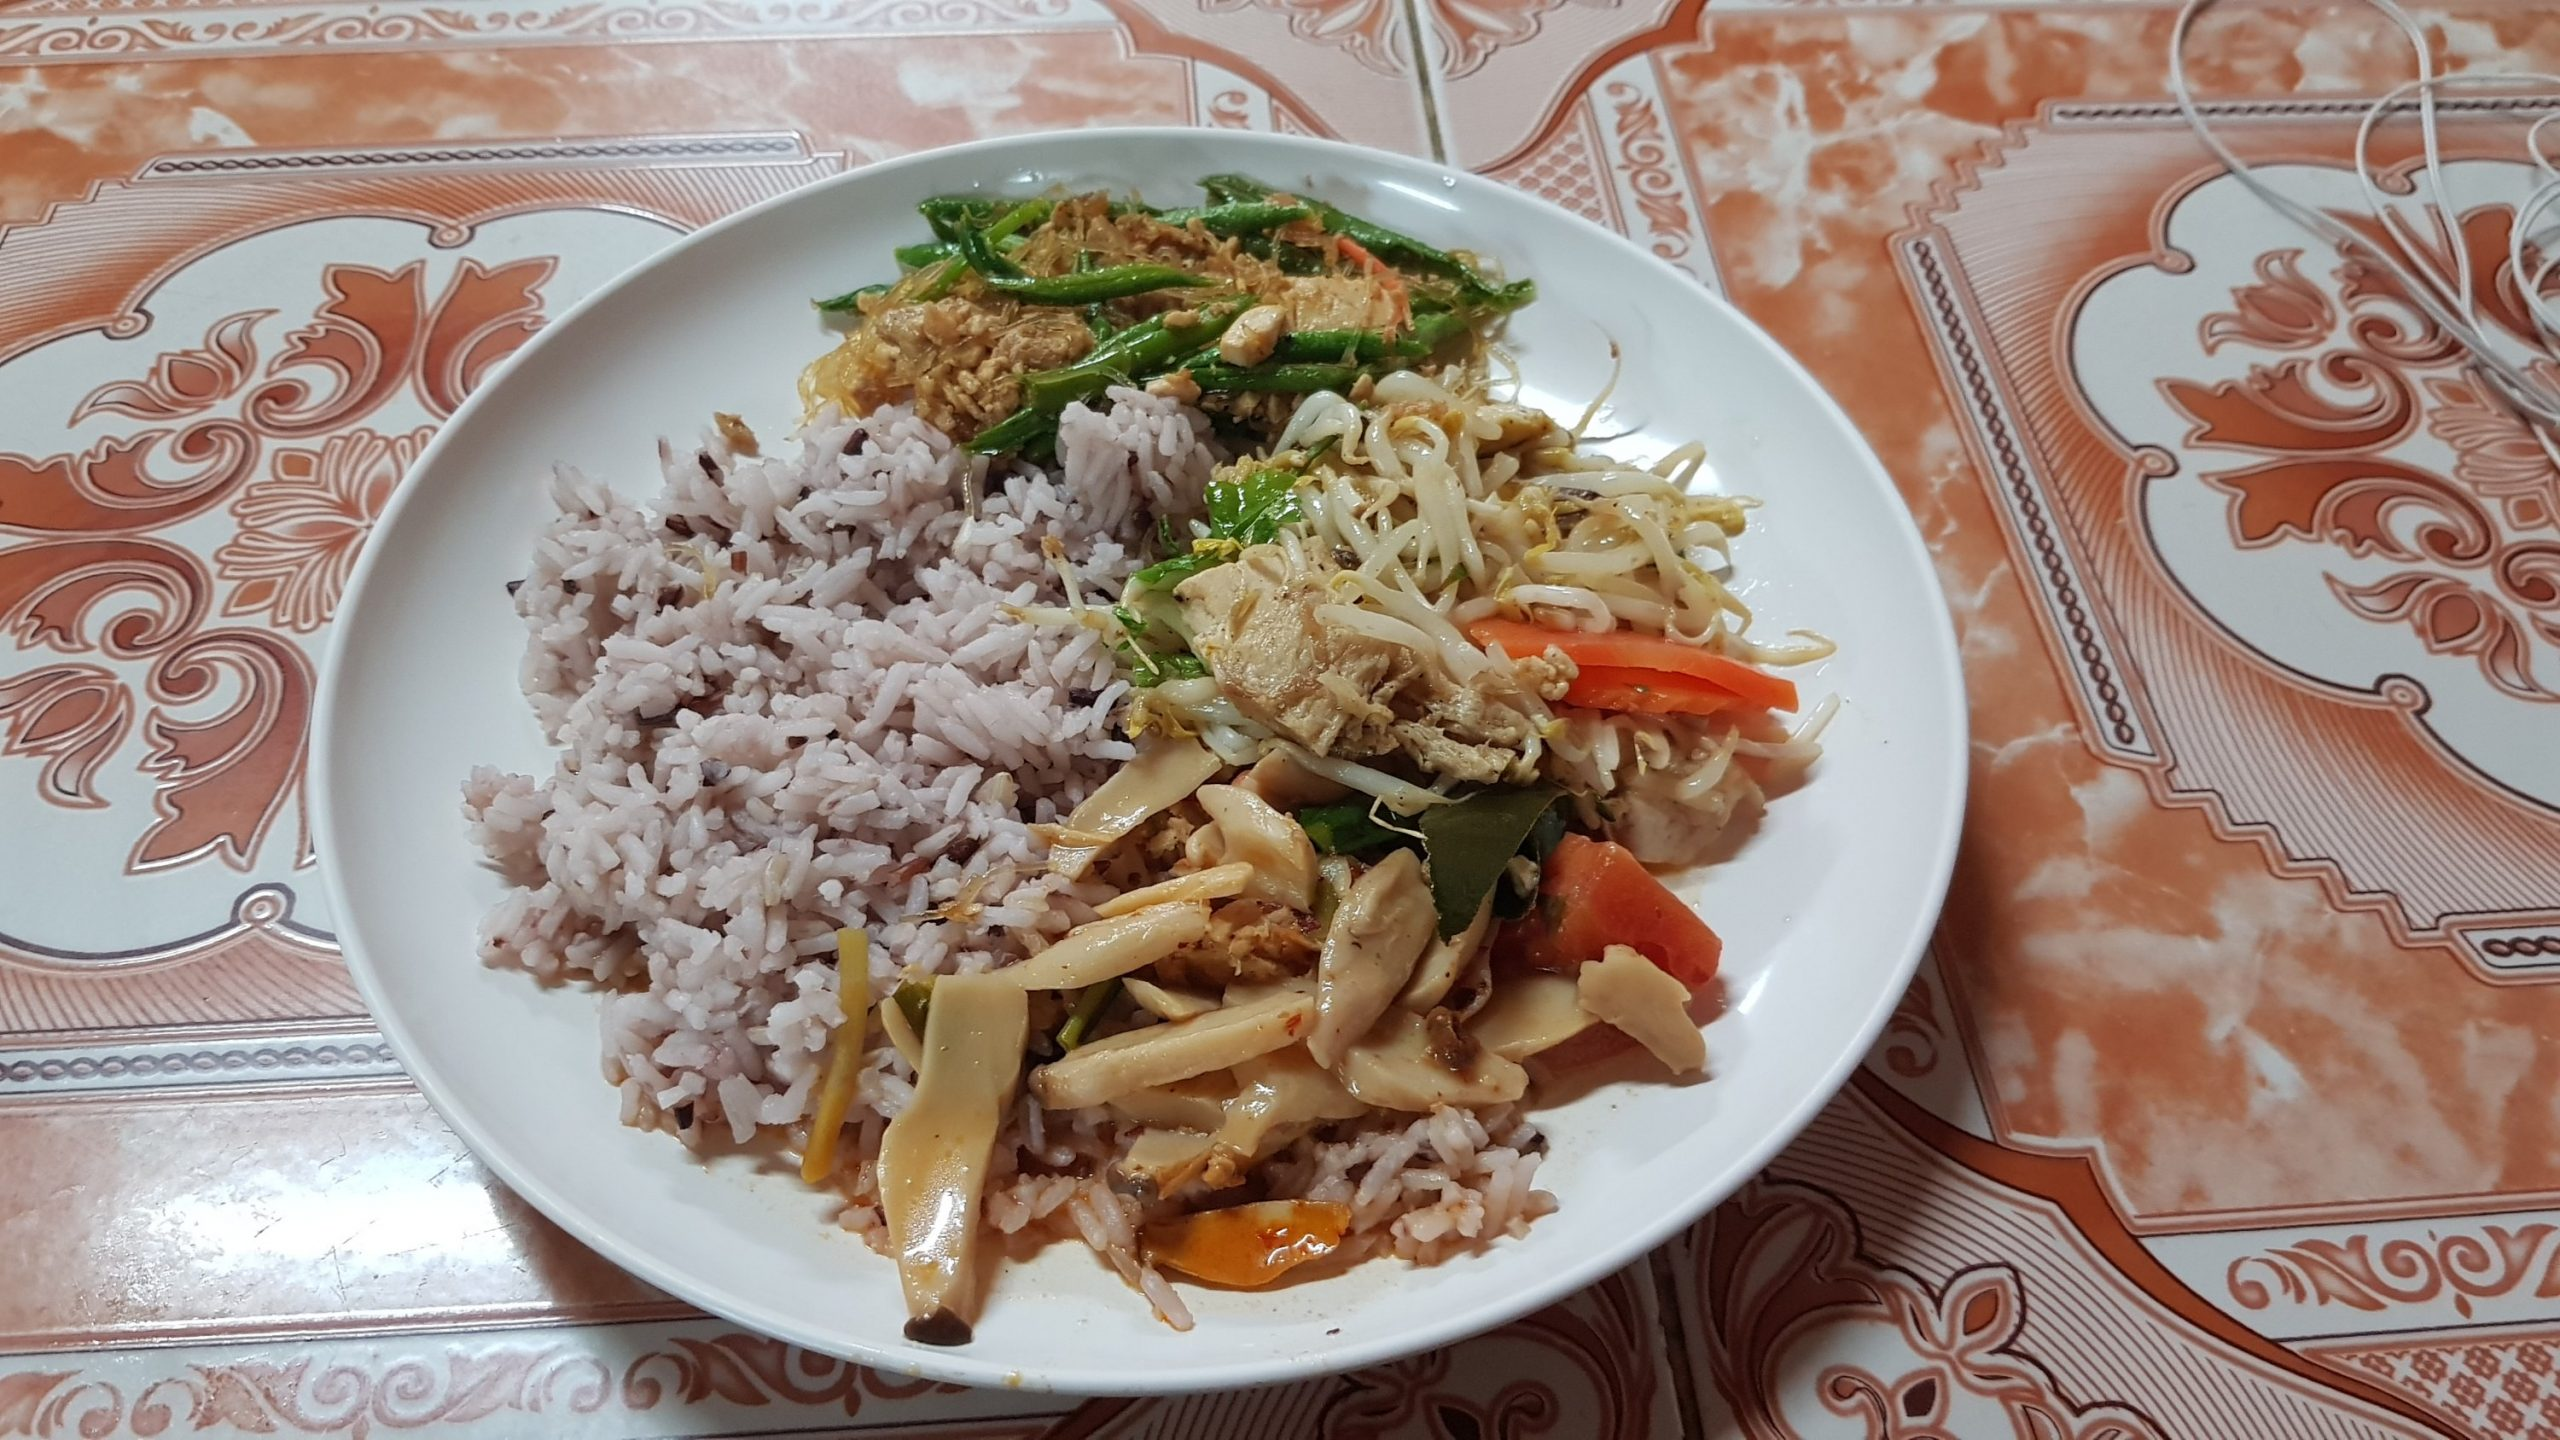 Cheap vegan friendly meals in Chiang Mai